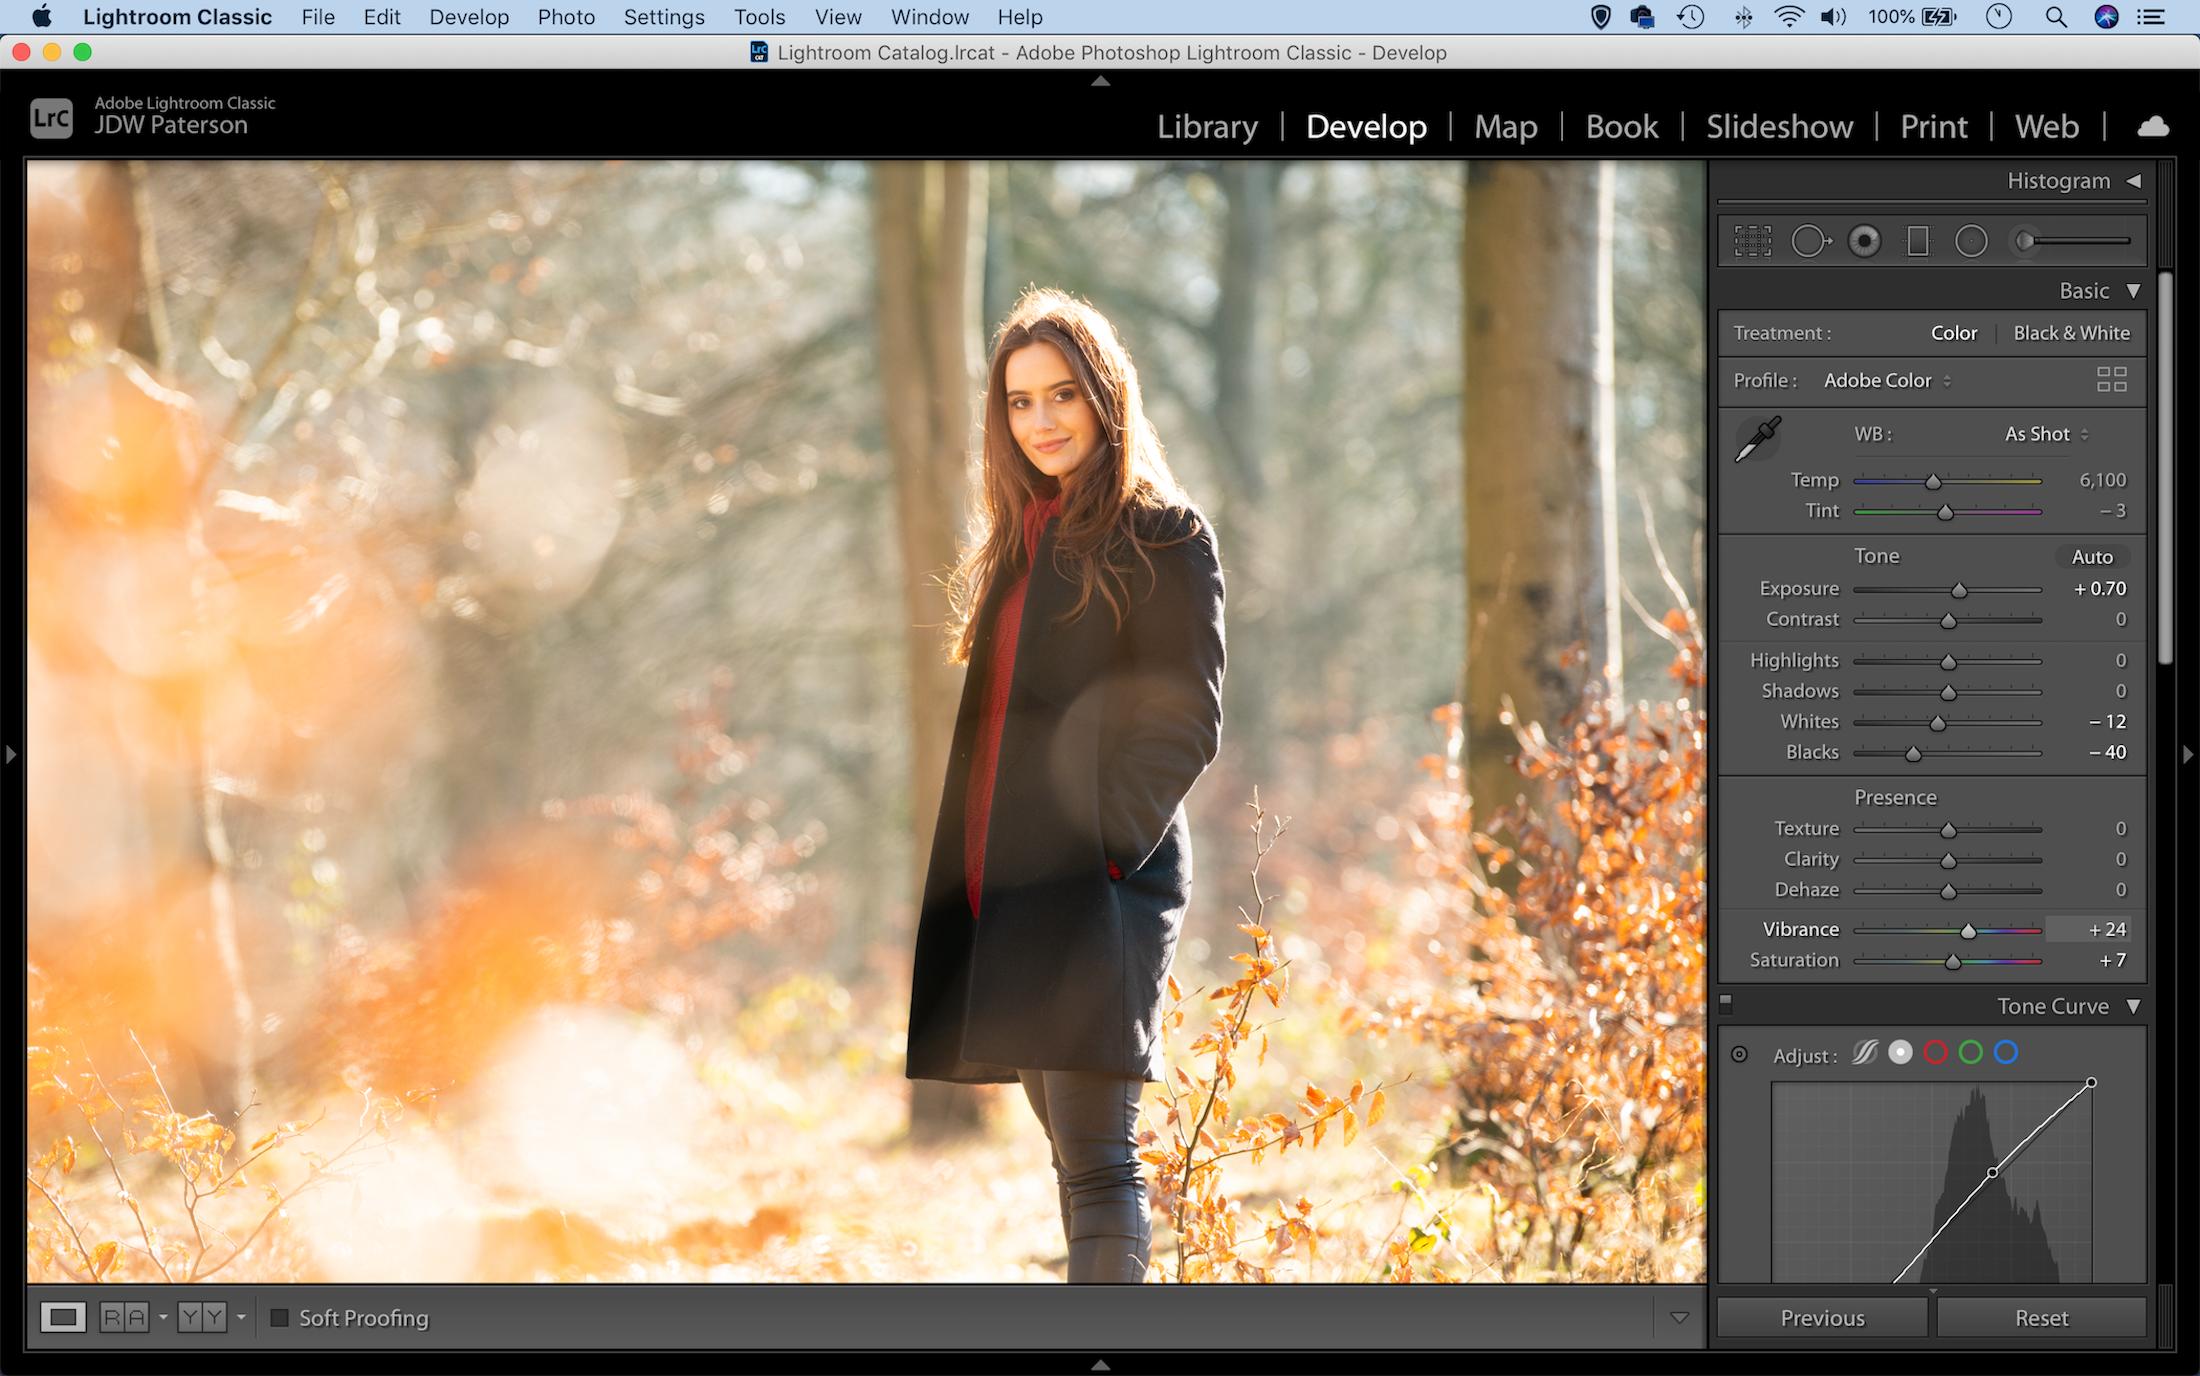 Adjusting the vibrancy of an image in Adobe Lightroom